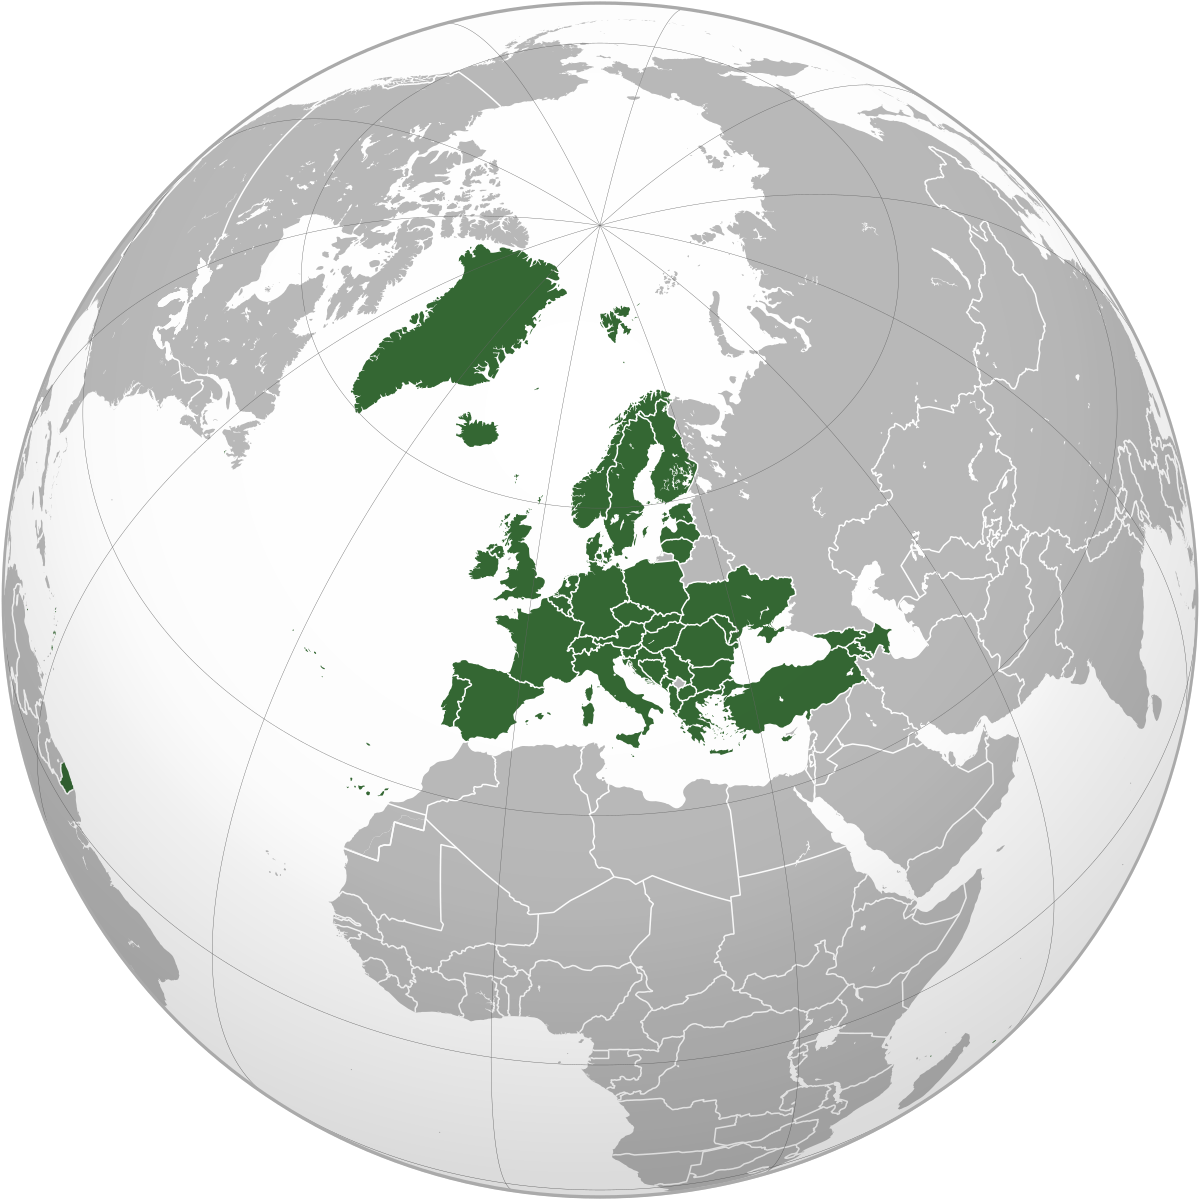 europos pažinčių konvencijų